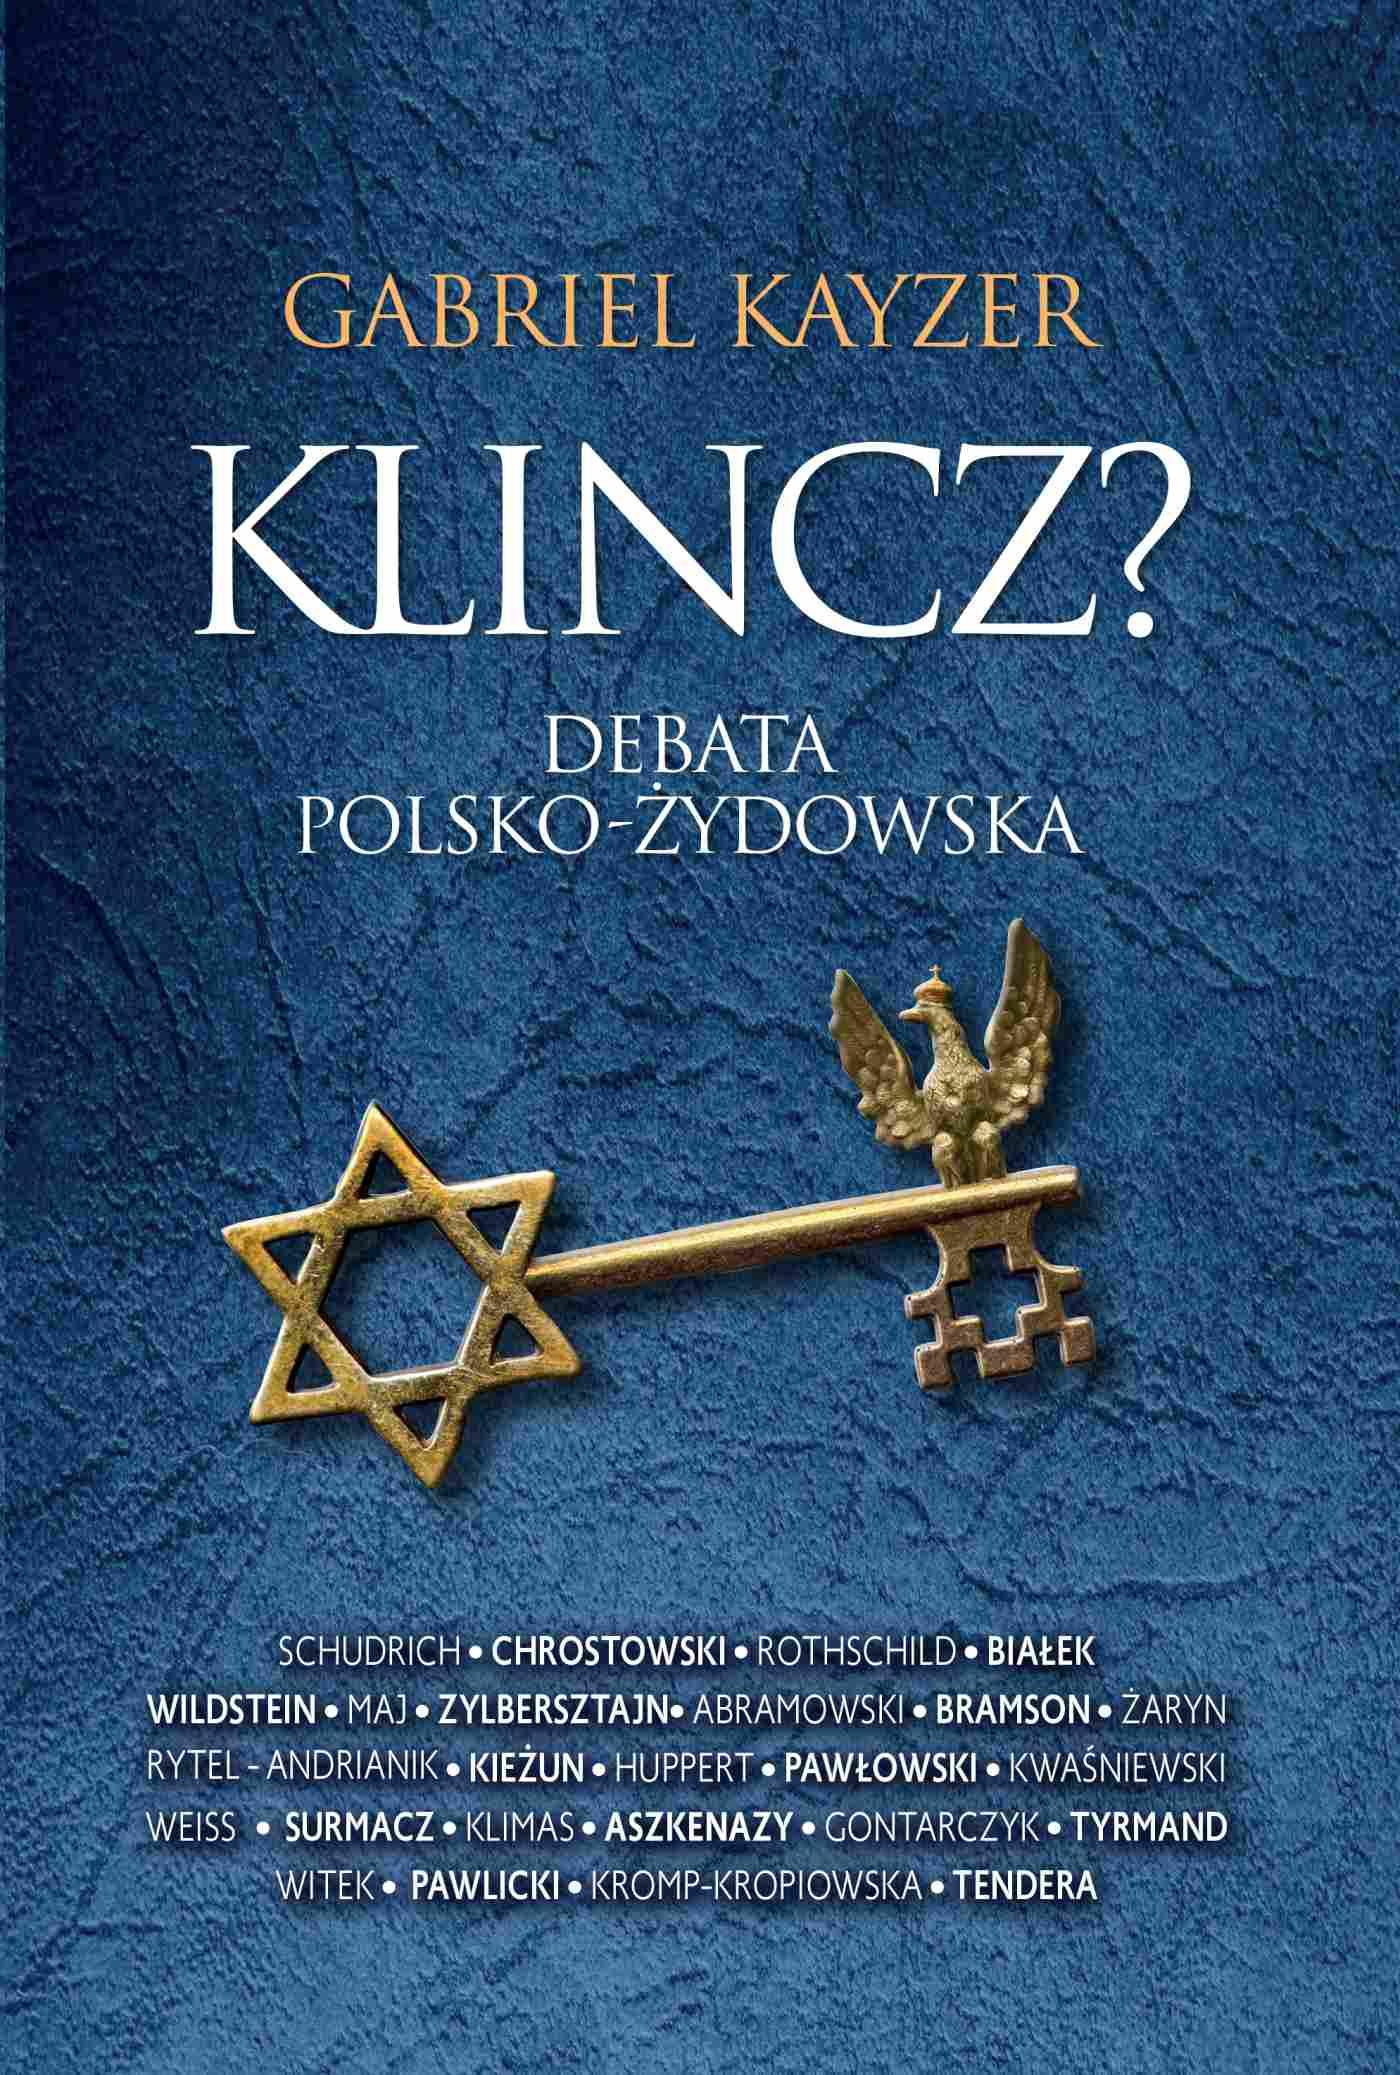 Klincz? Debata polsko - żydowska - Ebook (Książka na Kindle) do pobrania w formacie MOBI